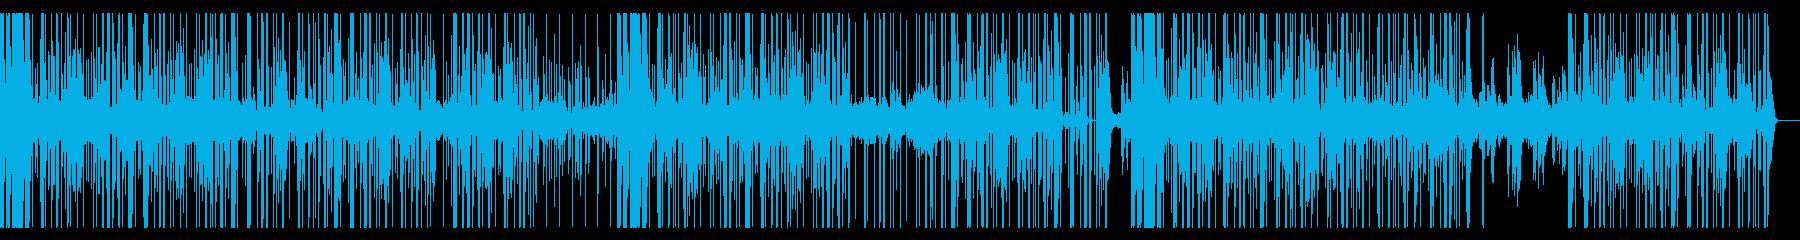 洋楽おしゃれカフェ ニューソウルR&Bの再生済みの波形